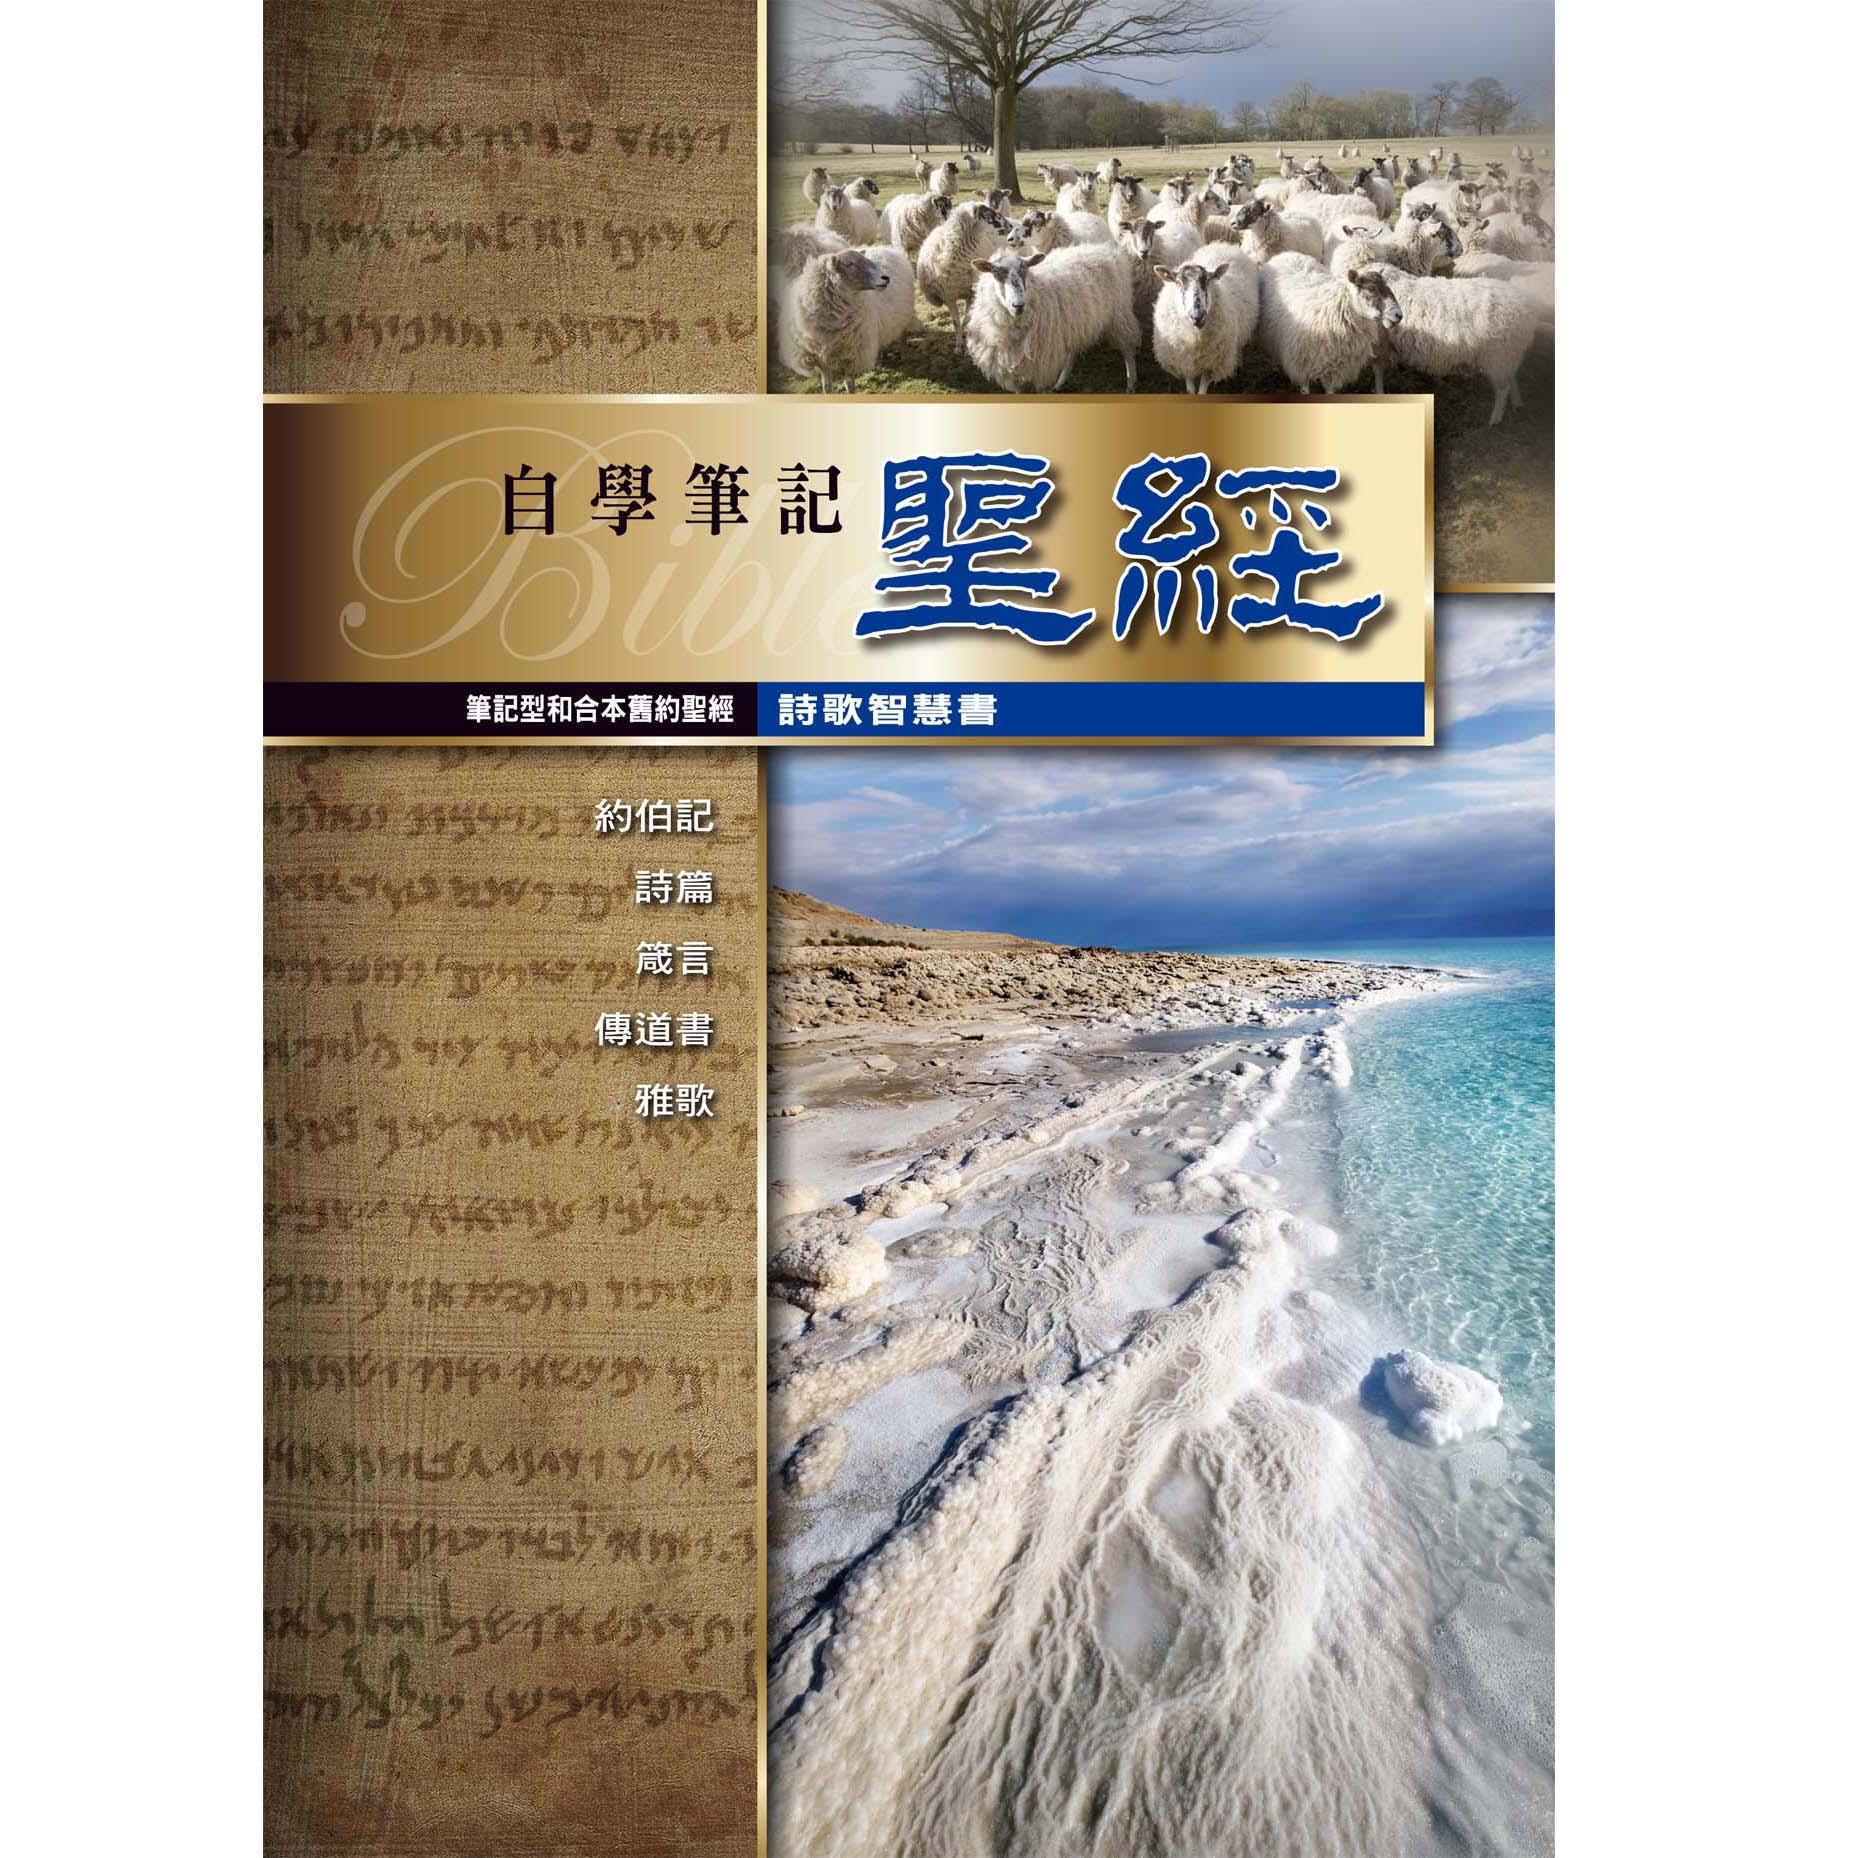 筆記聖經(詩歌智慧書)